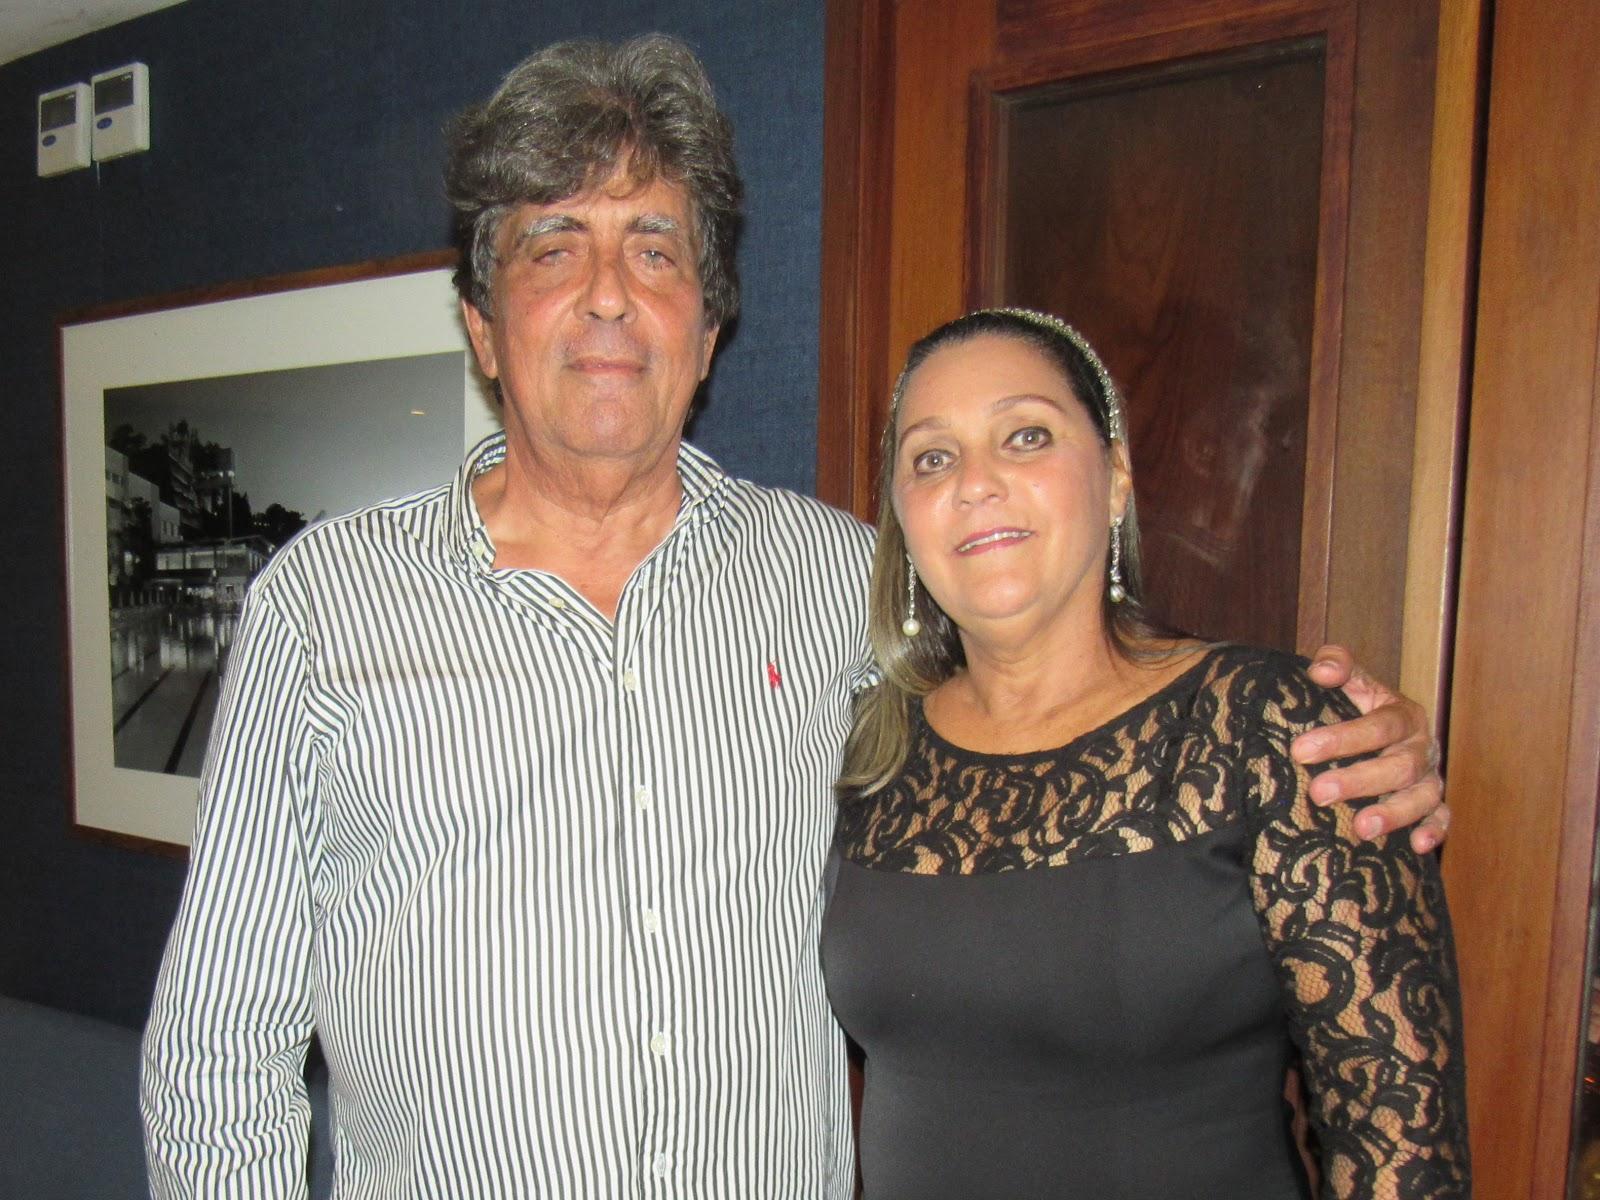 Marcelo Gama Lobo e Silvia Gama Lobo o Casal Destaque de hoje dia 31 de outubro de 2019